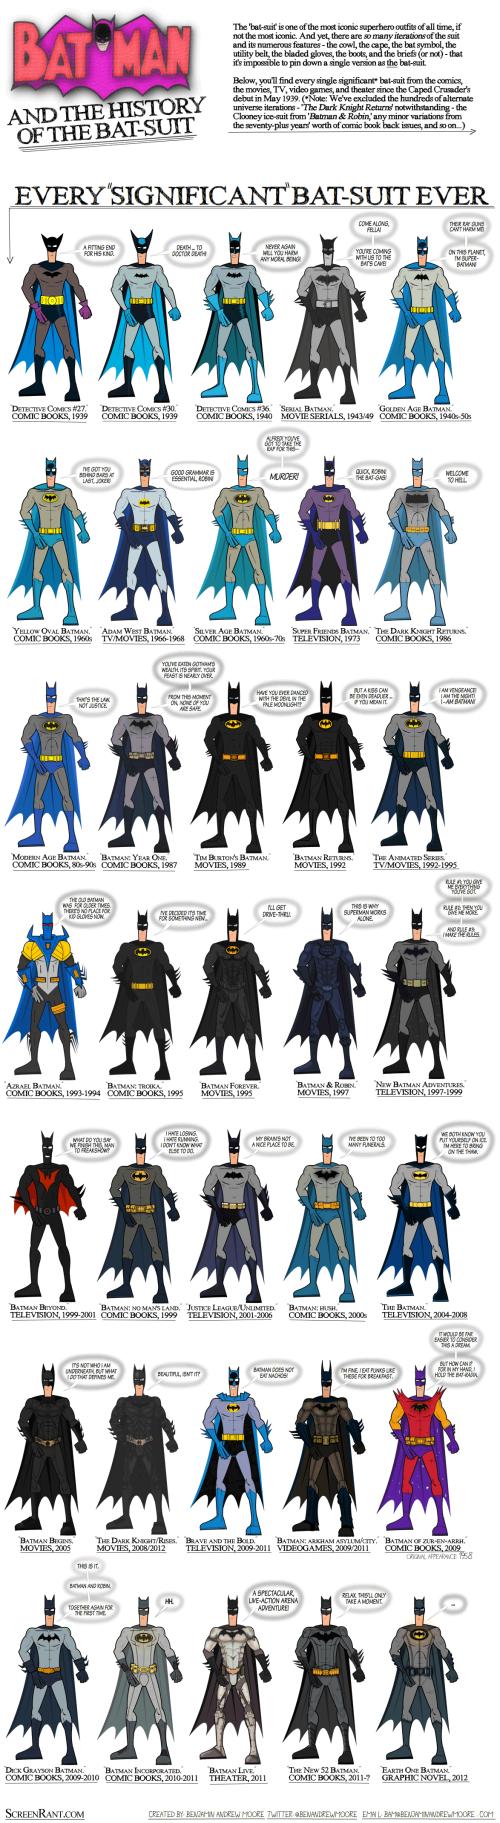 bat-suit-timeline